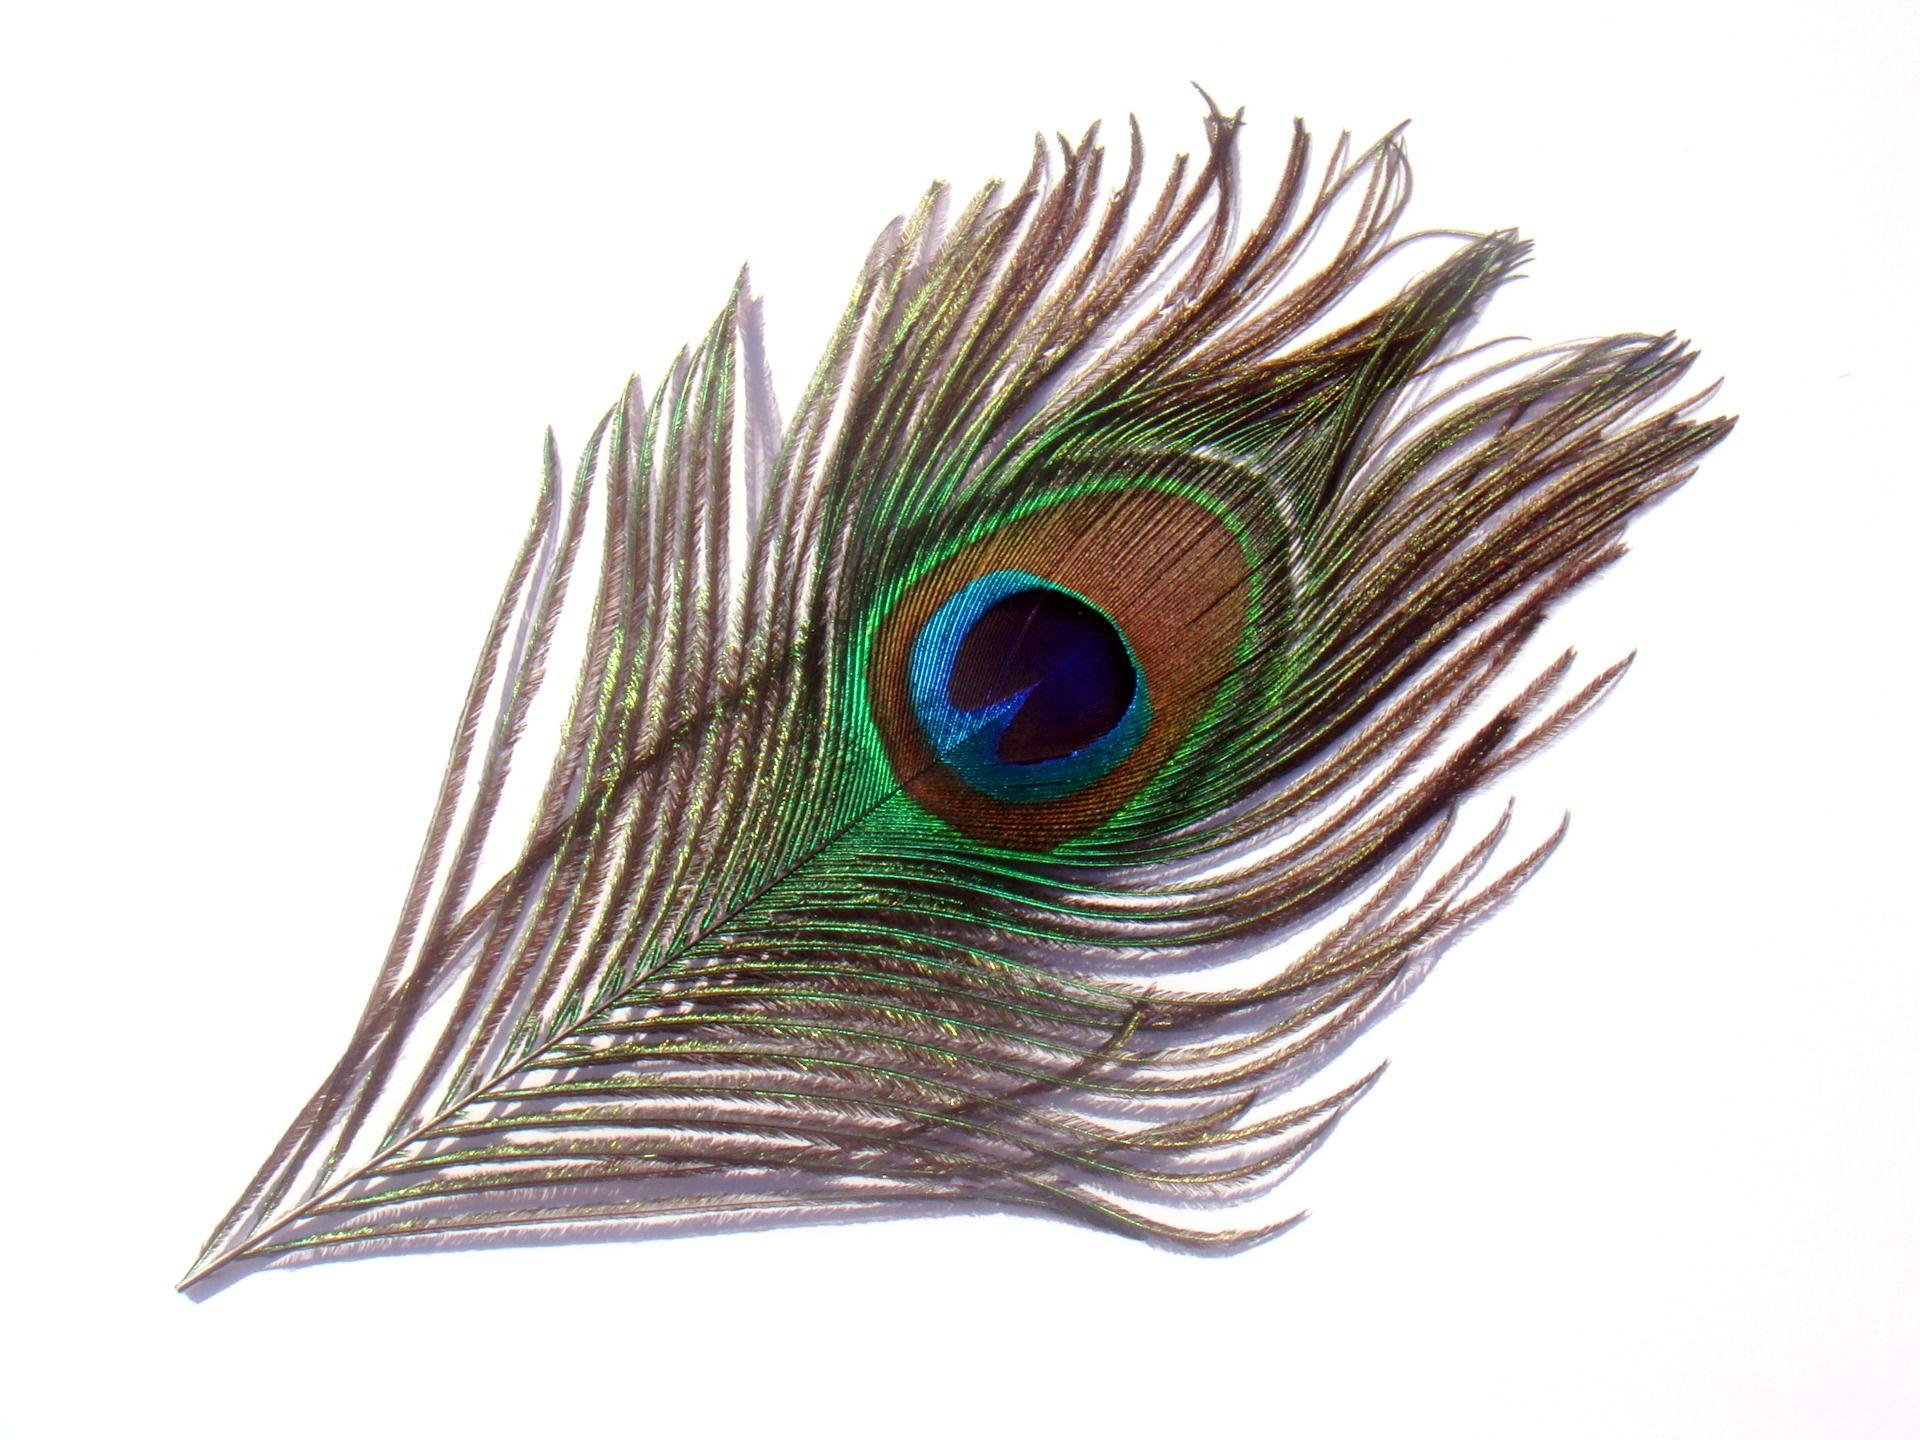 1 plume de paon naturelle 14 cm de longueur environ paon pinterest plumes de paon paon et. Black Bedroom Furniture Sets. Home Design Ideas